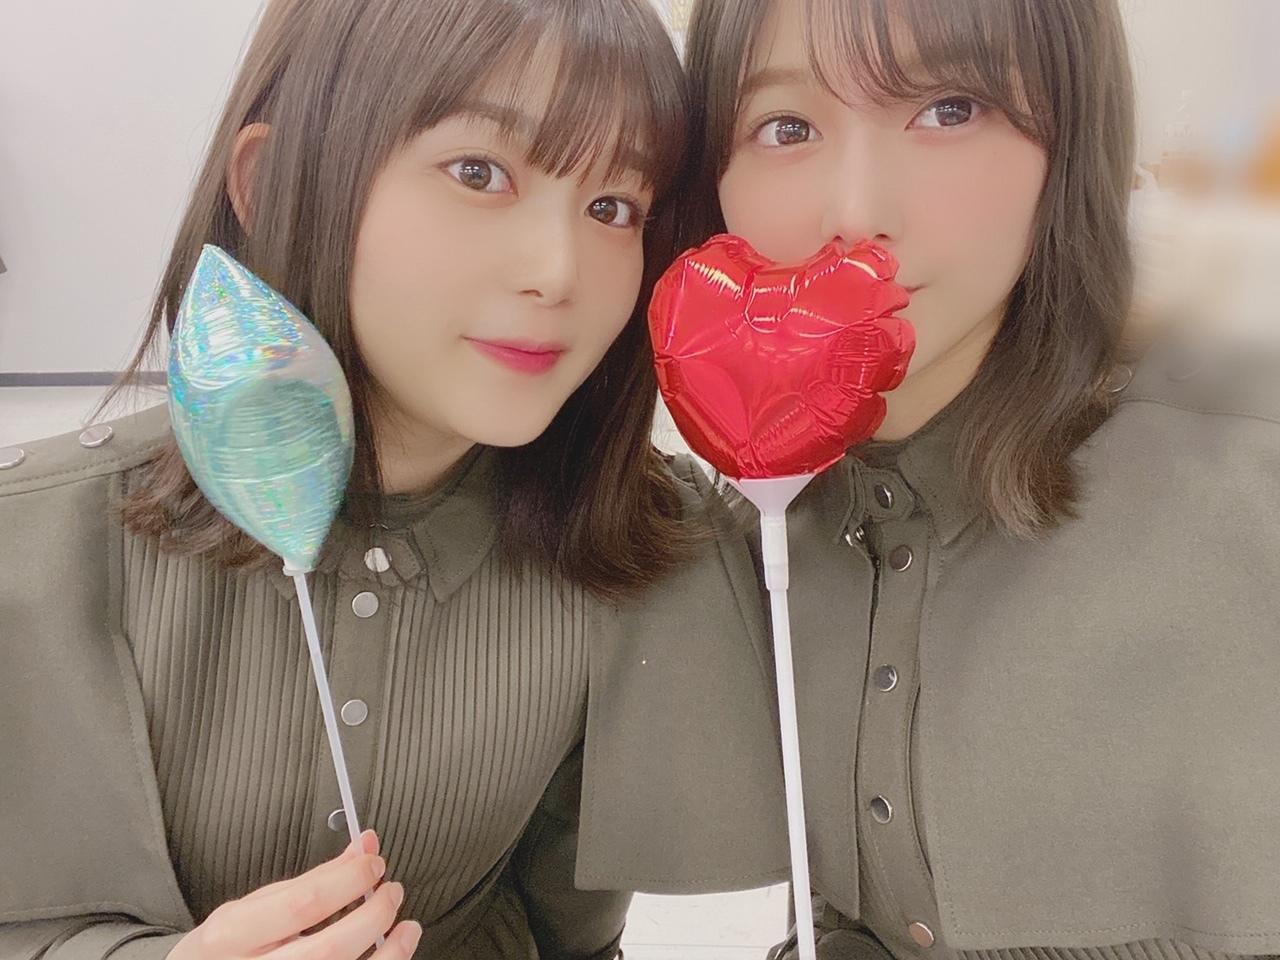 尾関 梨香 公式ブログ 欅坂46公式サイト